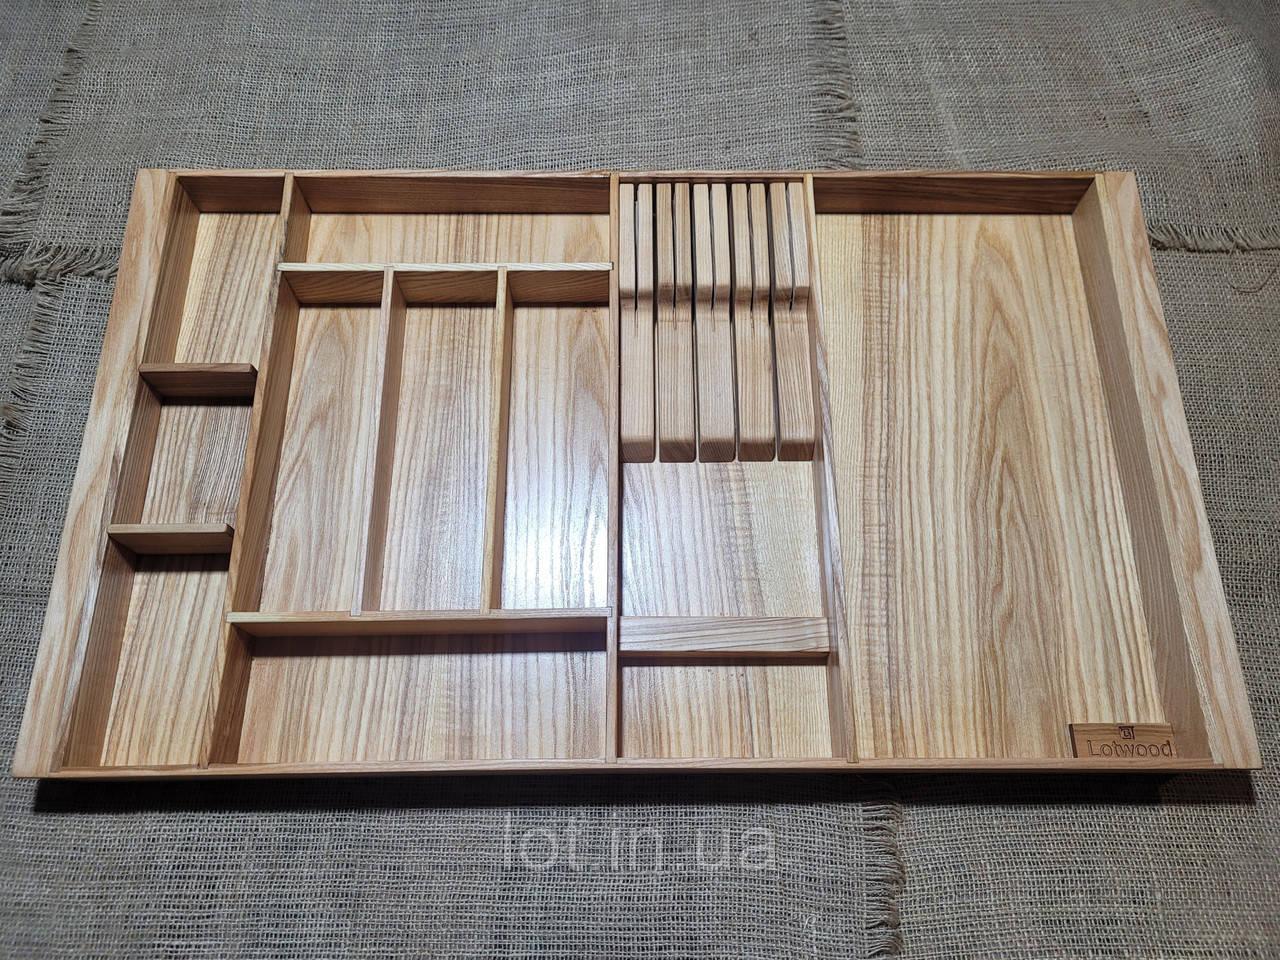 Лоток для столових приладів PM720-810.400 ясен